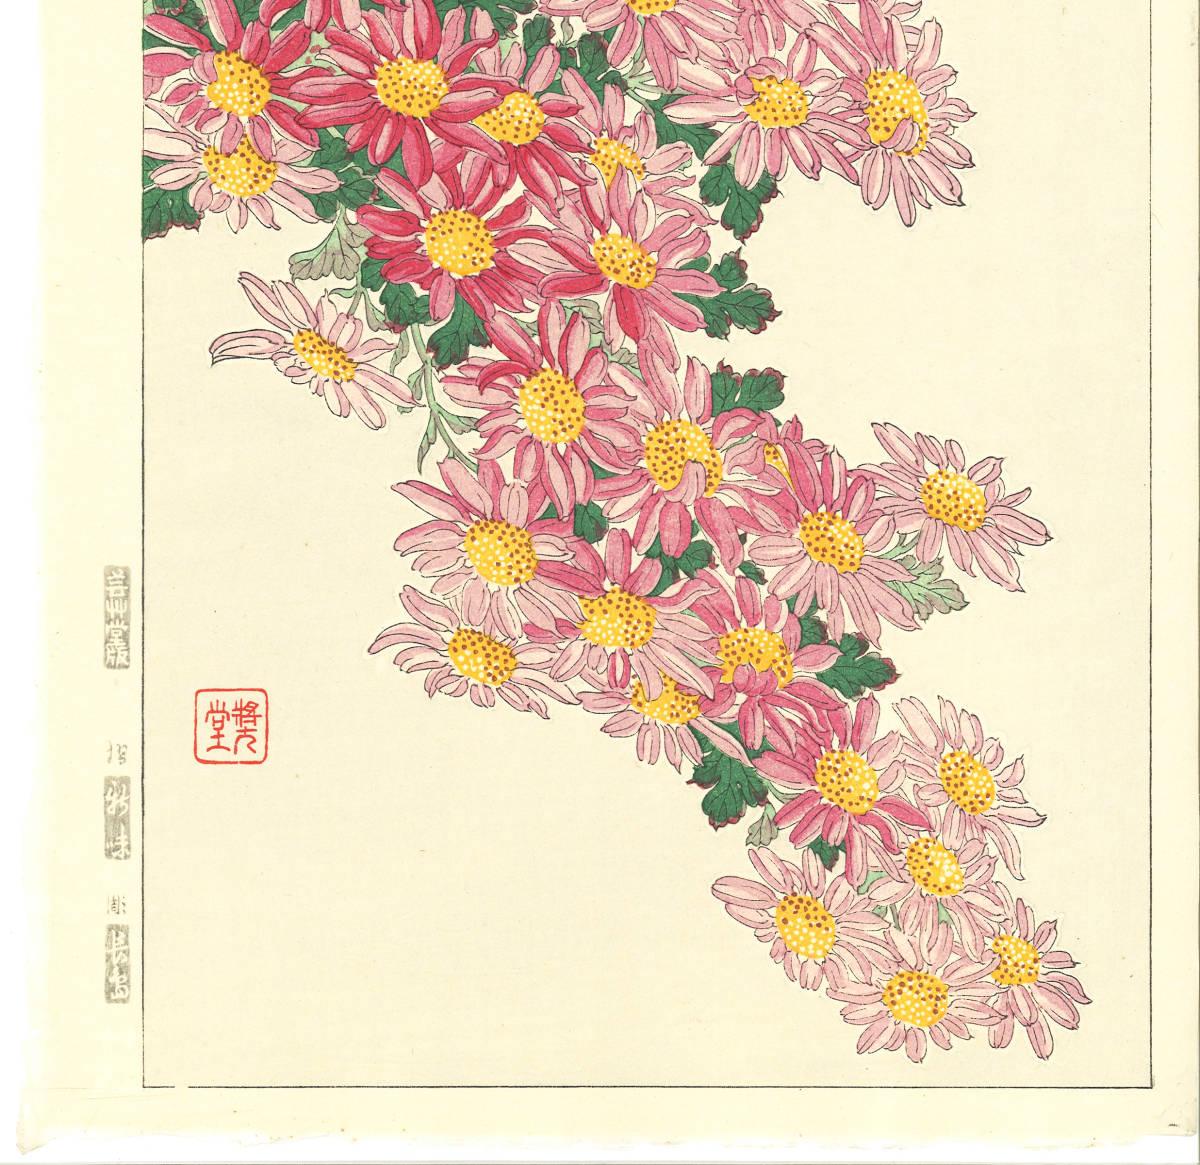 河原崎奨堂 (Kawarazaki Shodo) (1899~1973)木版画 F036 菊 花版画(Chrysanthemum)初版昭和初期~京都の一流の摺師の技をご堪能下さい_画像5